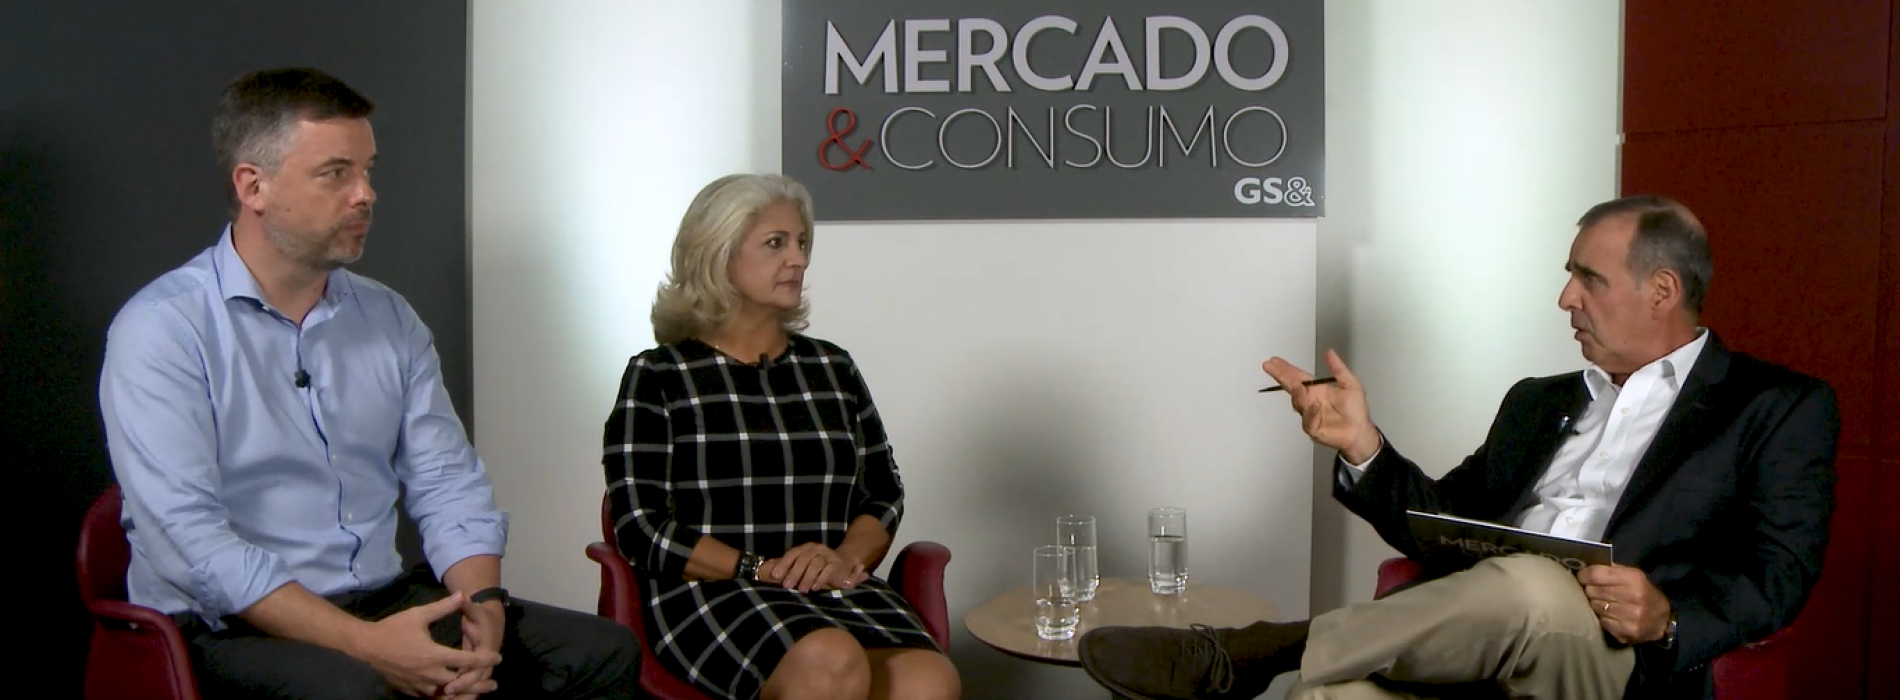 Programa Mercado & Consumo destaca o segmento de marcas próprias